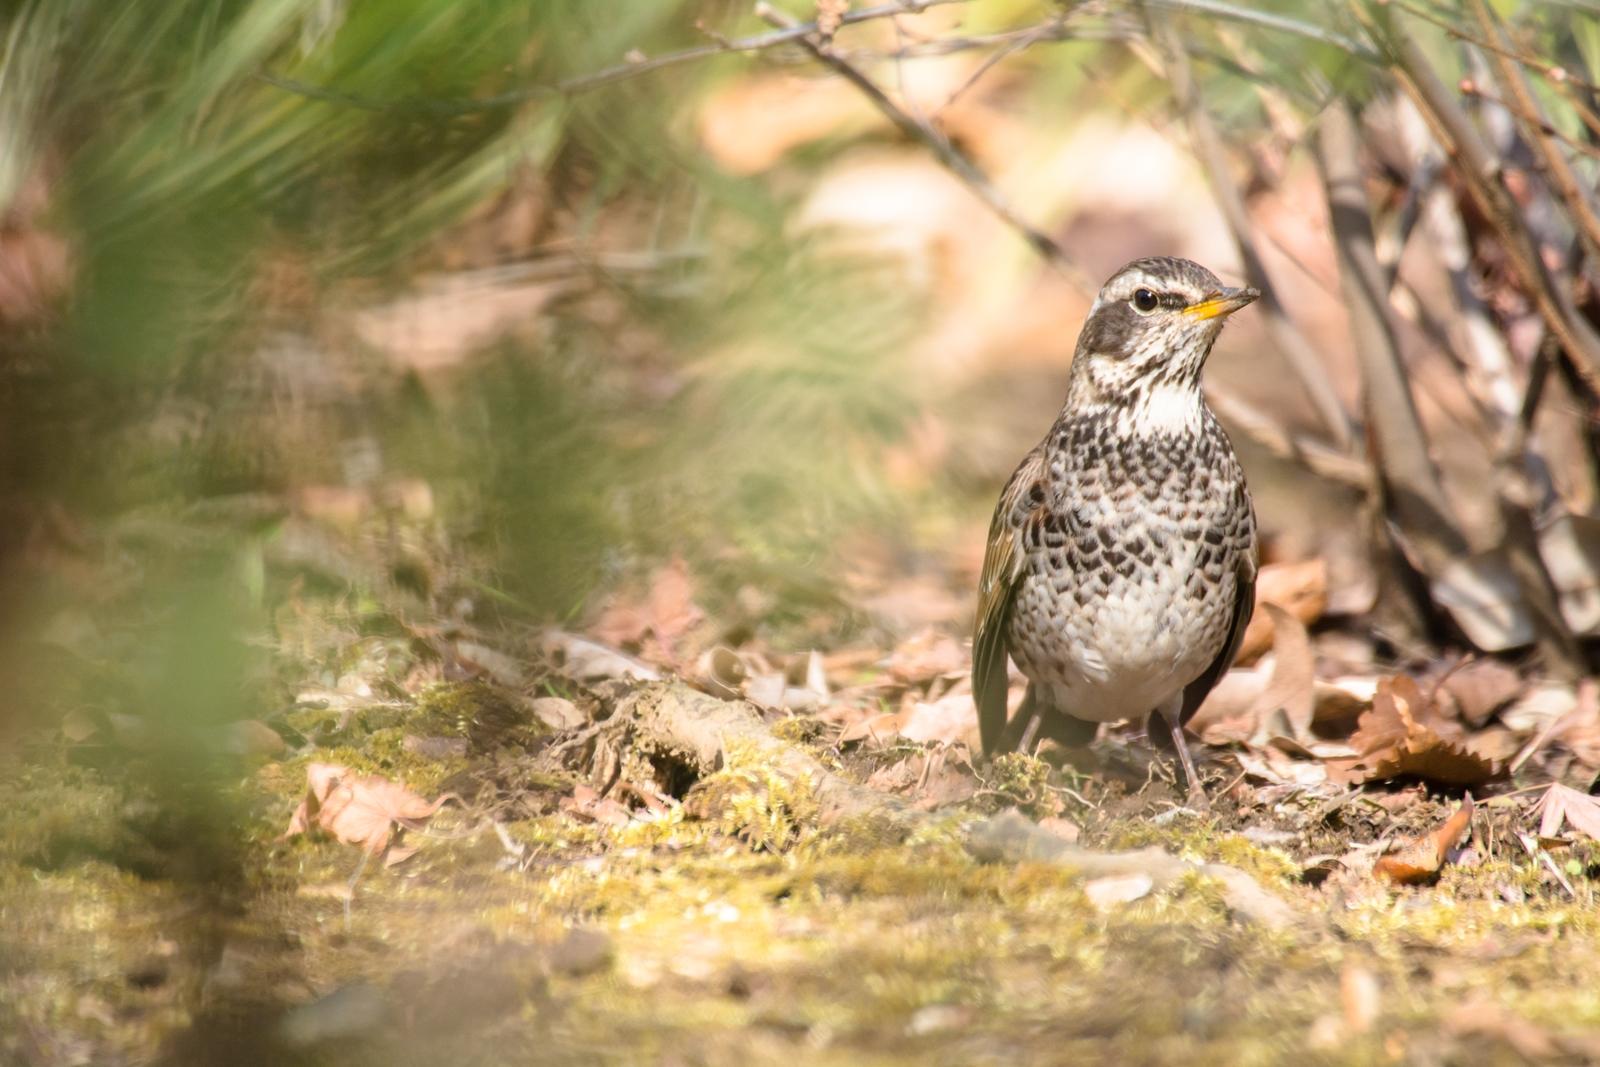 Photo: 旅立ちを前に Before departure.  カサカサカサ 茂みの奥でごはん探し 今はたっぷりとたくわえて 旅立つ前の腹ごしらえ  Dusky thrush. (ツグミ) ツグミは越冬のため、 冬に日本に渡ってきます。 また暖かくなると海を渡り 大陸へと渡っていくのです。  #cooljapan #365cooljapanmay  #birdphotography #birds  #sigma #kawaii   Nikon D7100 SIGMA APO 50-500mm F5-6.3 DG OS HSM [ Day296, March 4th ]  小鳥の詩朗読 http://youtu.be/-vn_cACufp0?list=PL2YtHGm0-R3qVsaqvQe9OYdJFCkI98wzF